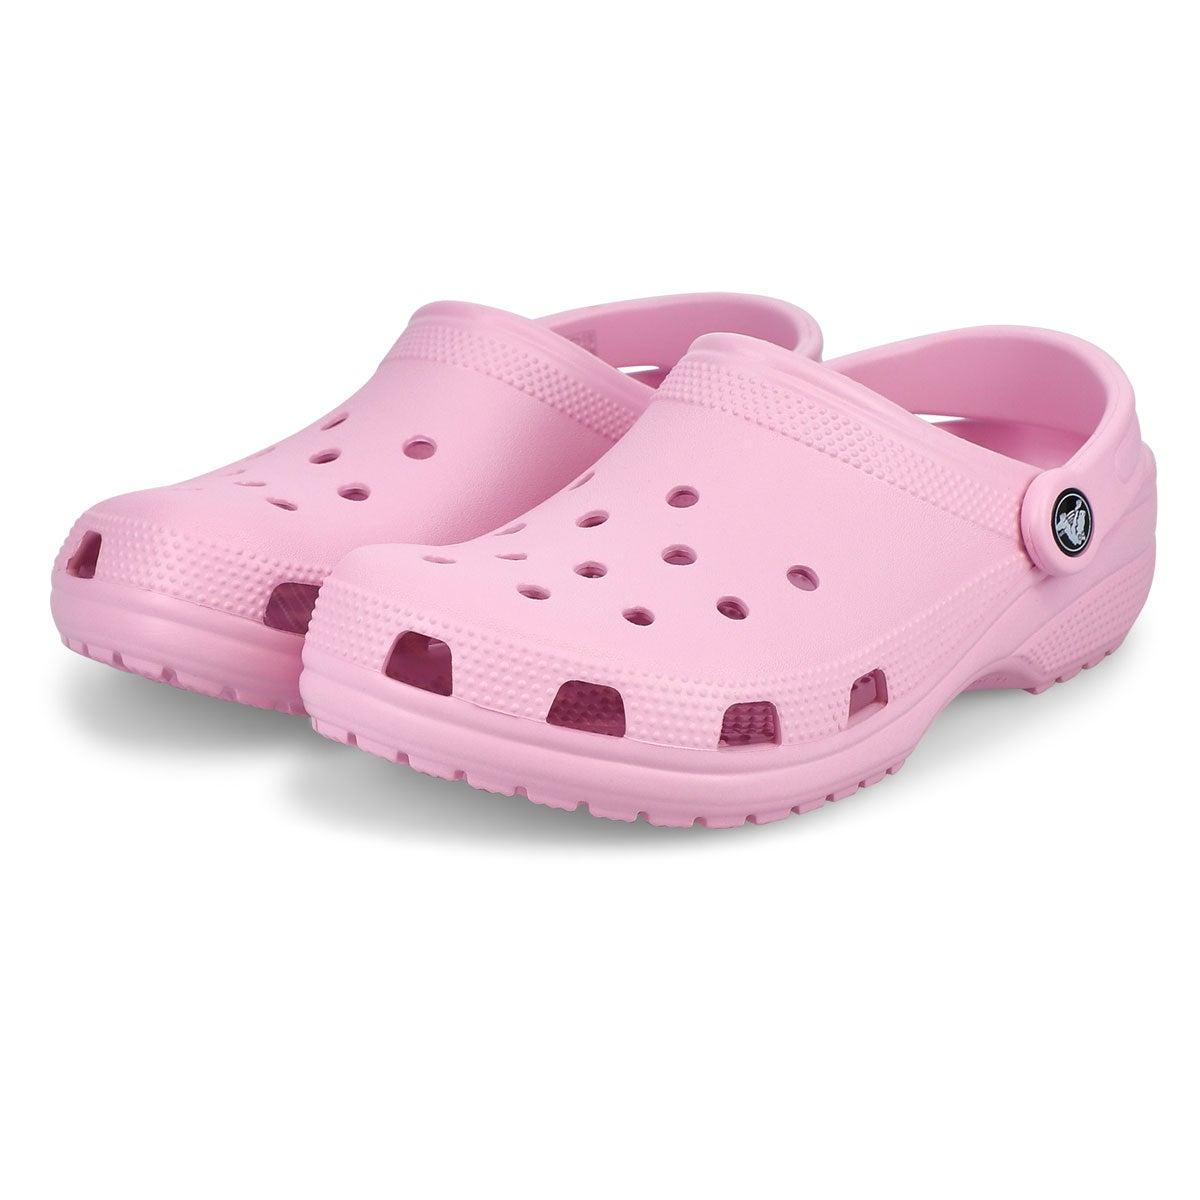 Women's Classic EVA Comfort Clog - Ballerina Pink